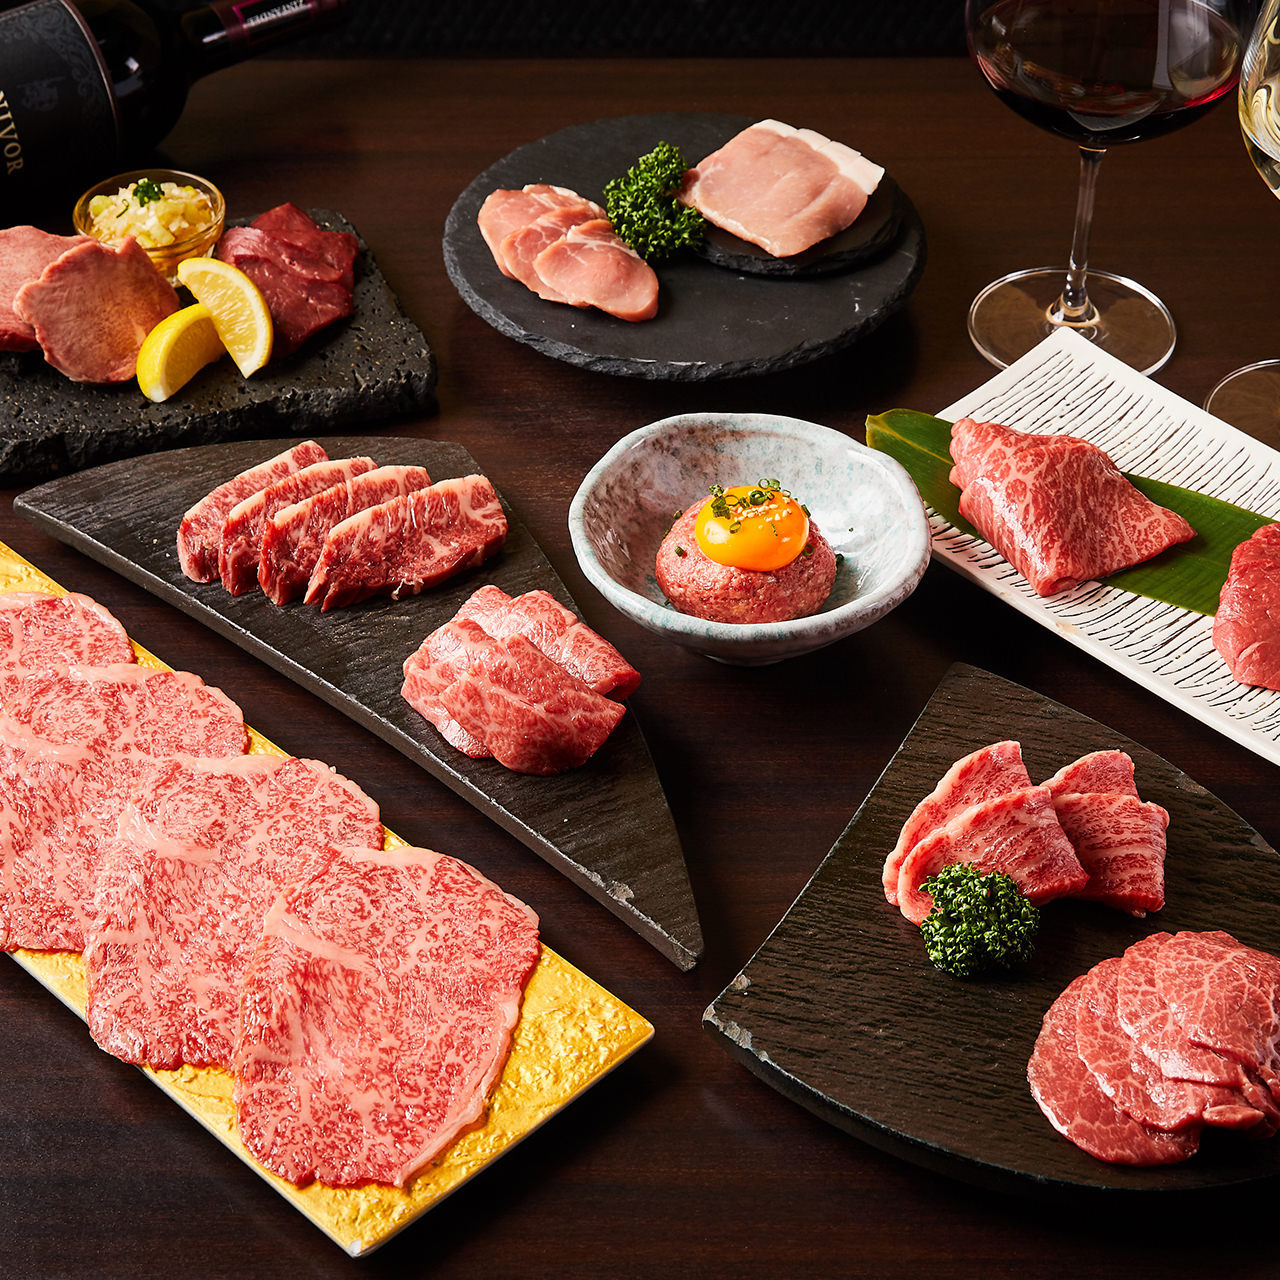 ガッツリお肉が楽しめる宴会コース